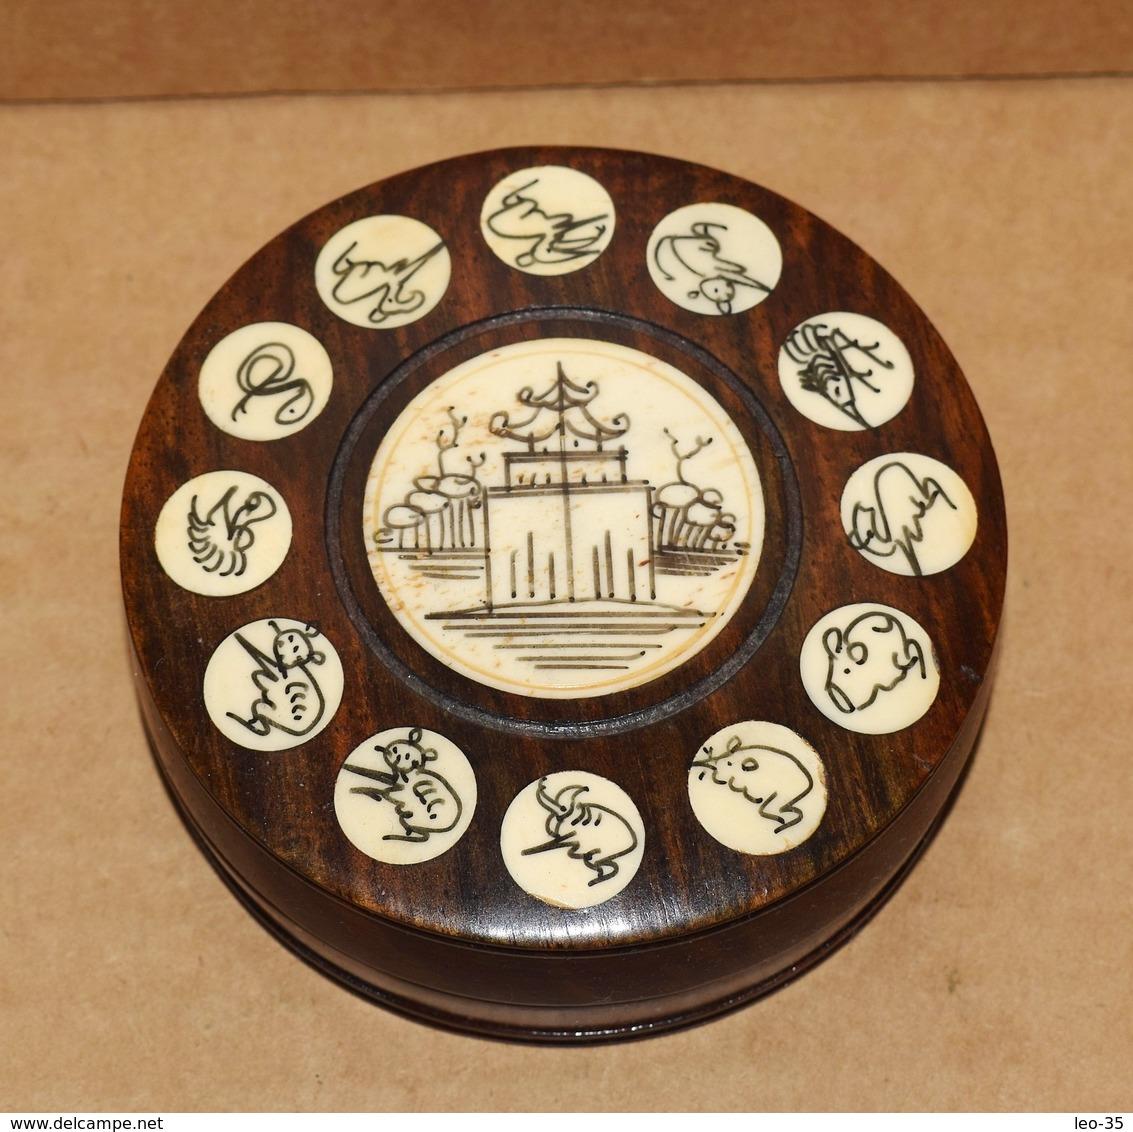 Petite Boussole En Bois Et Os Chinois Décor Signe Du Zodiac - Other Collections